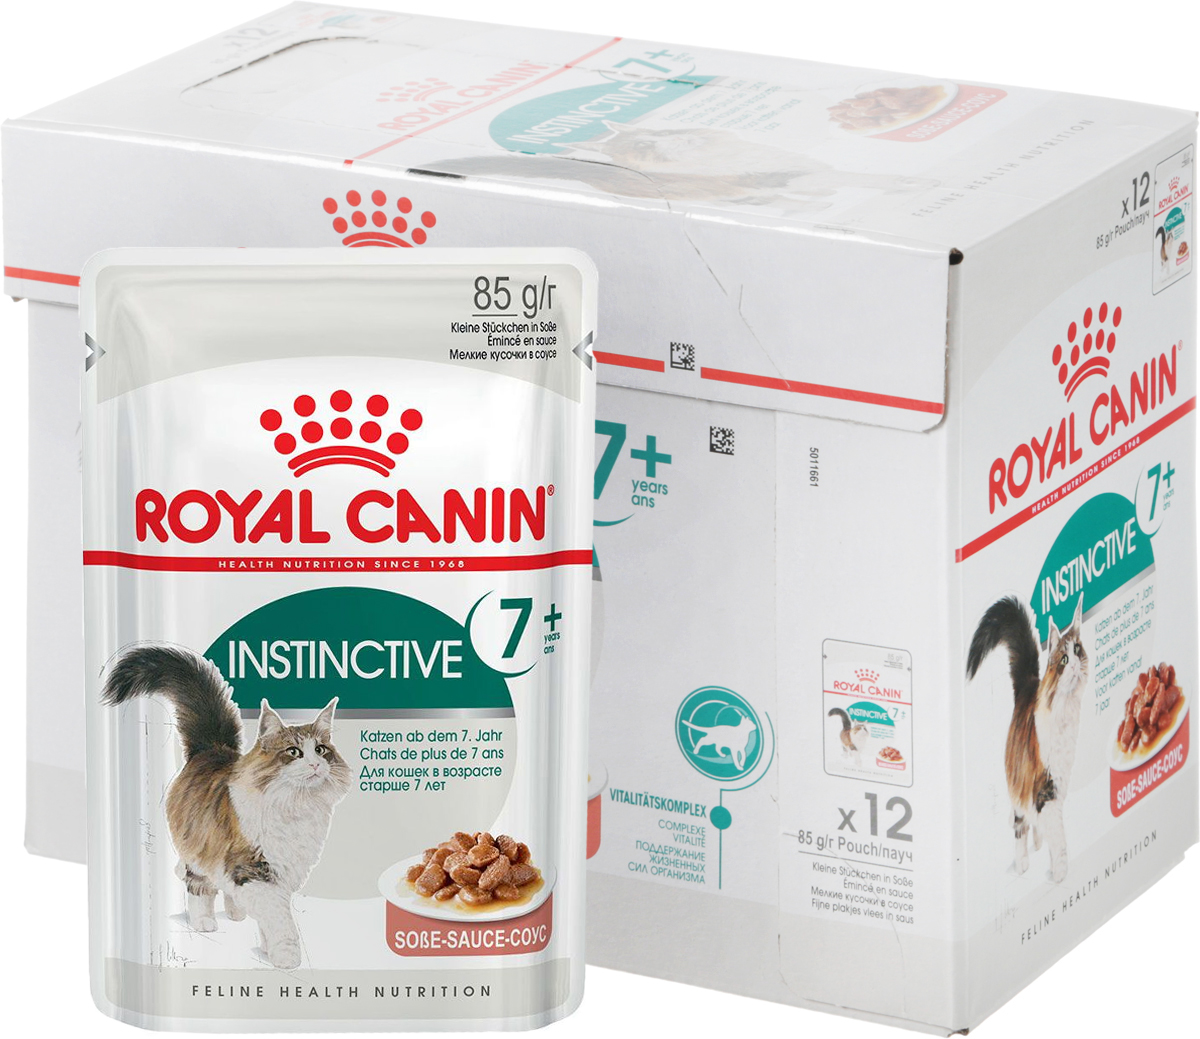 Консервы Royal Canin Instinctive +7, для кошек старше 7 лет, мелкие кусочки в соусе, 85 г, 12 шт40788Консервы Royal Canin Instinctive +7 - полнорационное питание в виде мелких кусочков в соусе для кошек старше 7 лет. У кошек старше 7 лет: - появляется избыточный вес, обусловленный снижением активности; - ухудшается работа почек; - замедляется процесс обновления клеток организма. Продление молодости: корм способствует нейтрализации свободных радикалов благодаря запатентованному комплексу антиоксидантов. Здоровье почек: корм способствует поддержанию здоровья почек благодаря умеренному содержанию фосфора. Пищевое предпочтение: инстинктивно предпочитаемый нутриентный профиль. В рацион домашнего любимца нужно обязательно включать консервированный корм, ведь его главные достоинства - высокая калорийность и питательная ценность. Консервы лучше усваиваются, чем сухие корма. Также важно, что животные, имеющие в рационе консервированный корм, получают больше влаги. Товар сертифицирован.